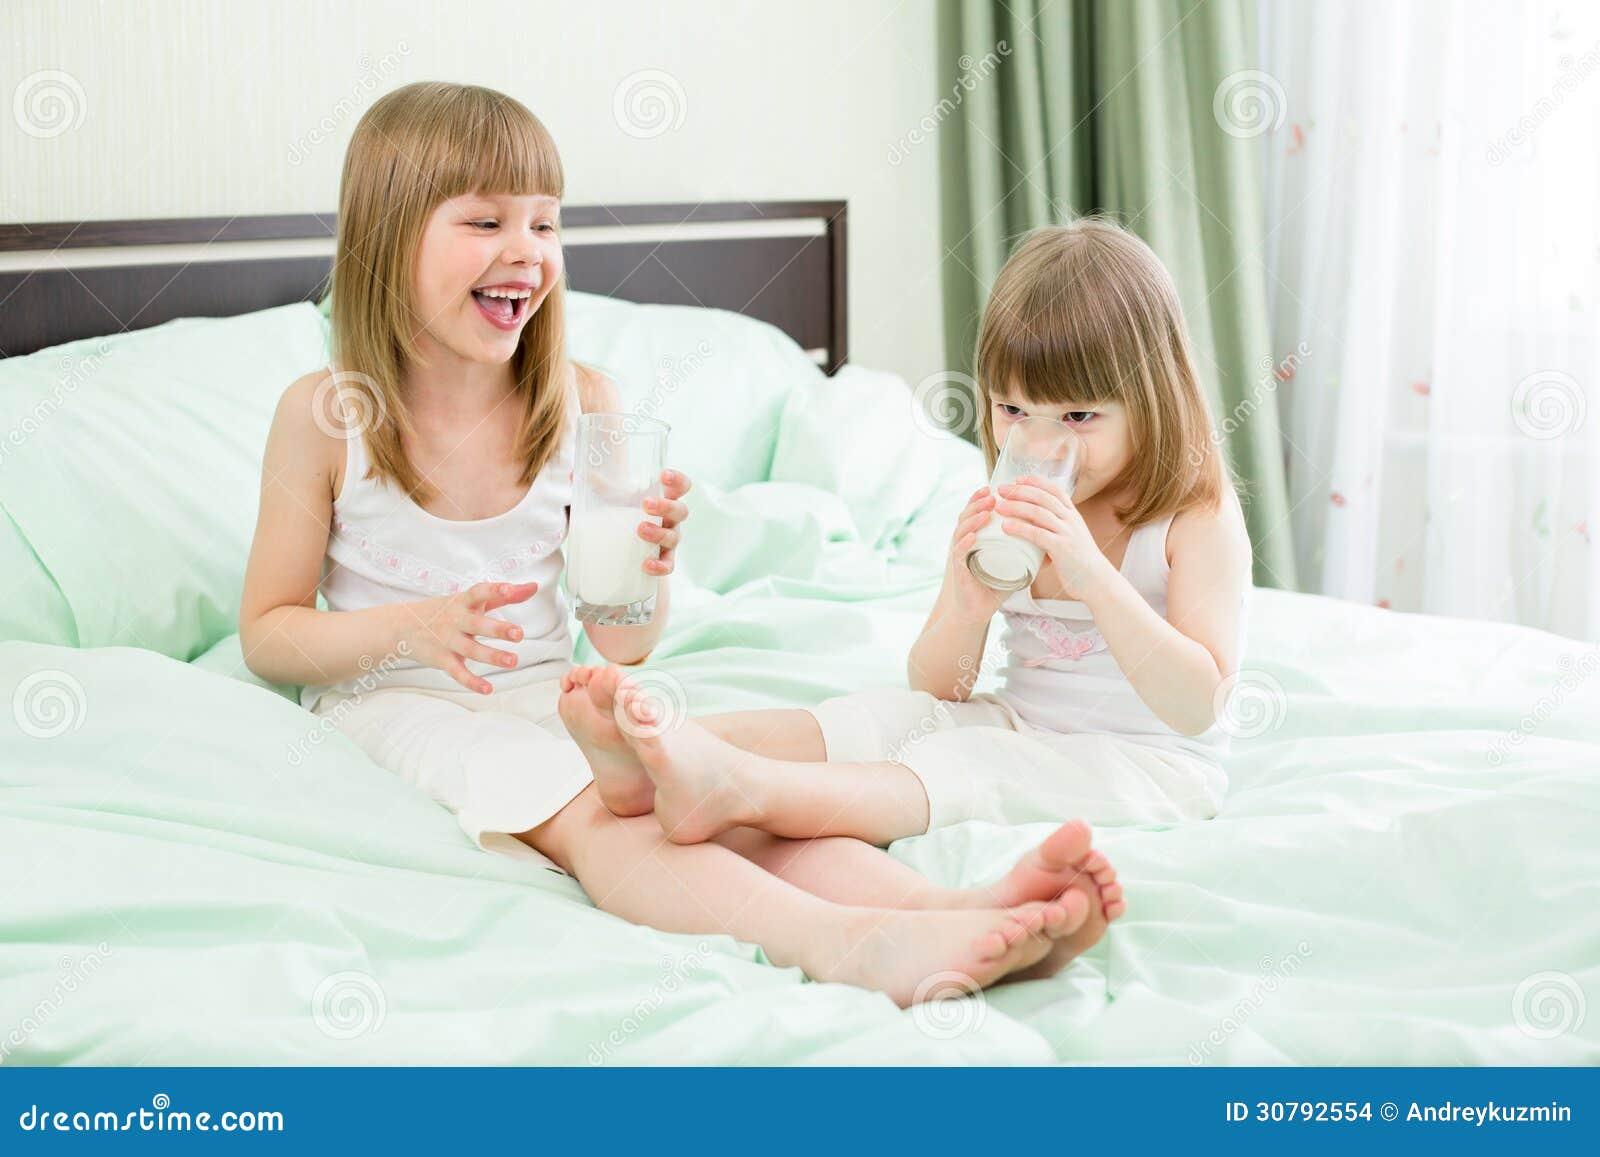 Un latte alimentare di due bambine sul letto immagini stock immagine 30792554 - Foto di donne sul letto ...